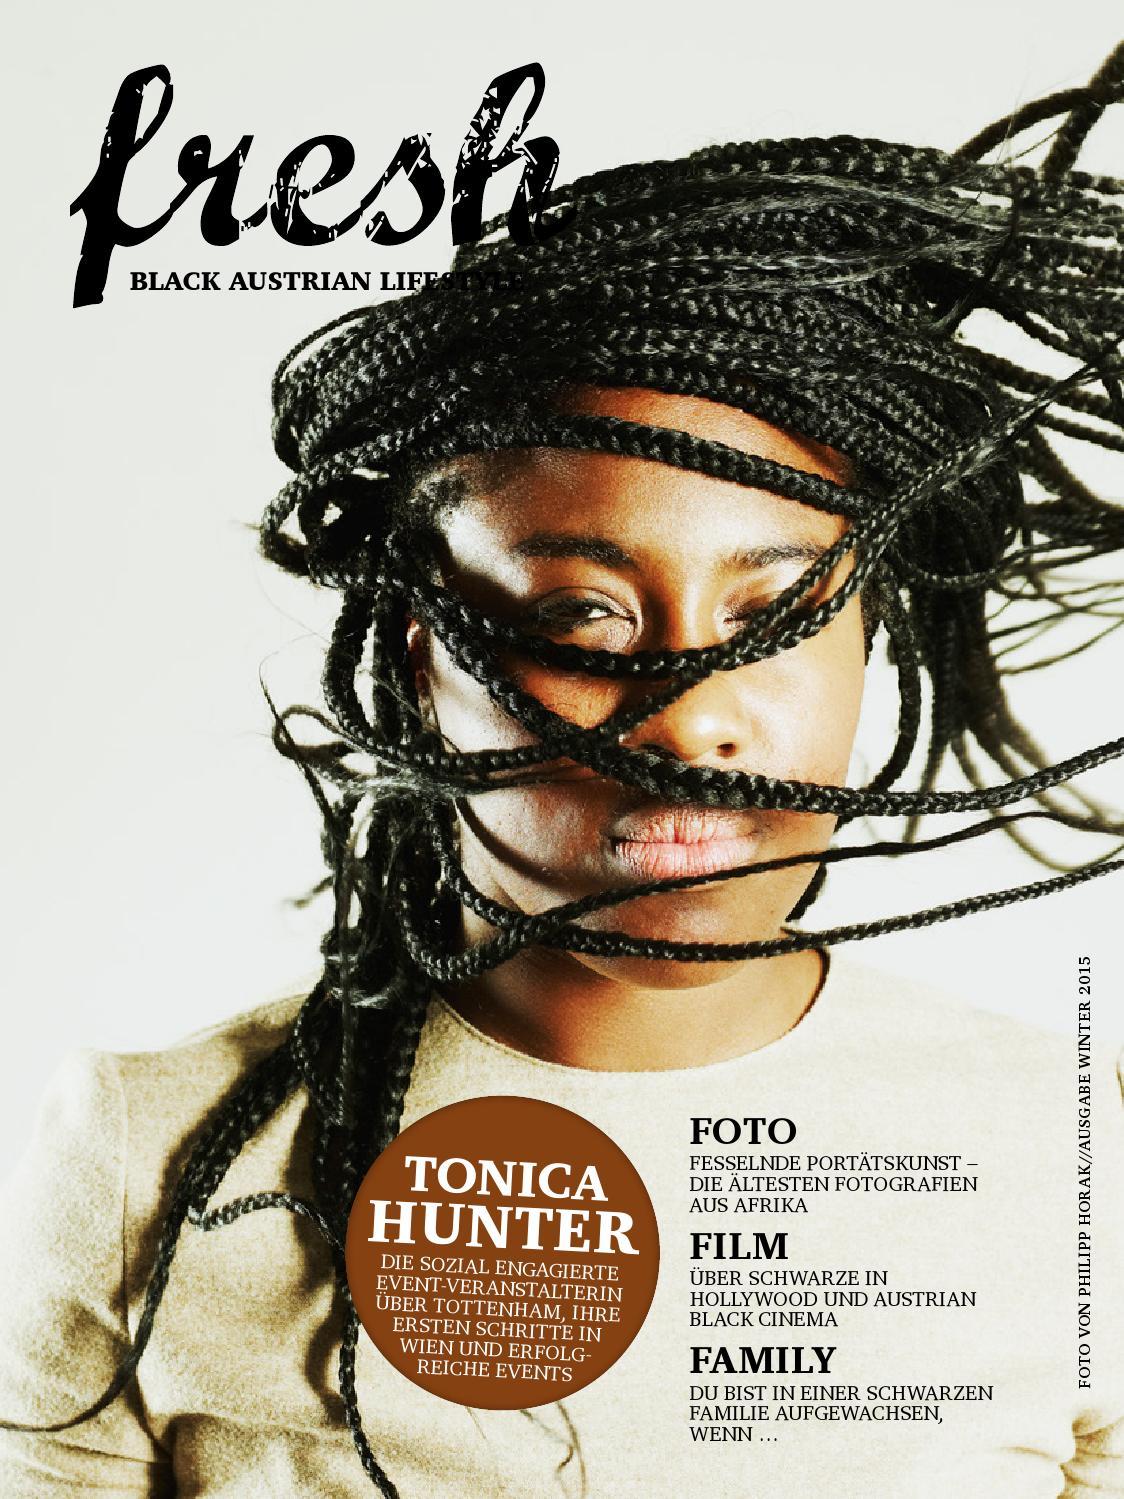 Fresh, Winter 11 by fresh - black austrian lifestyle - issuu